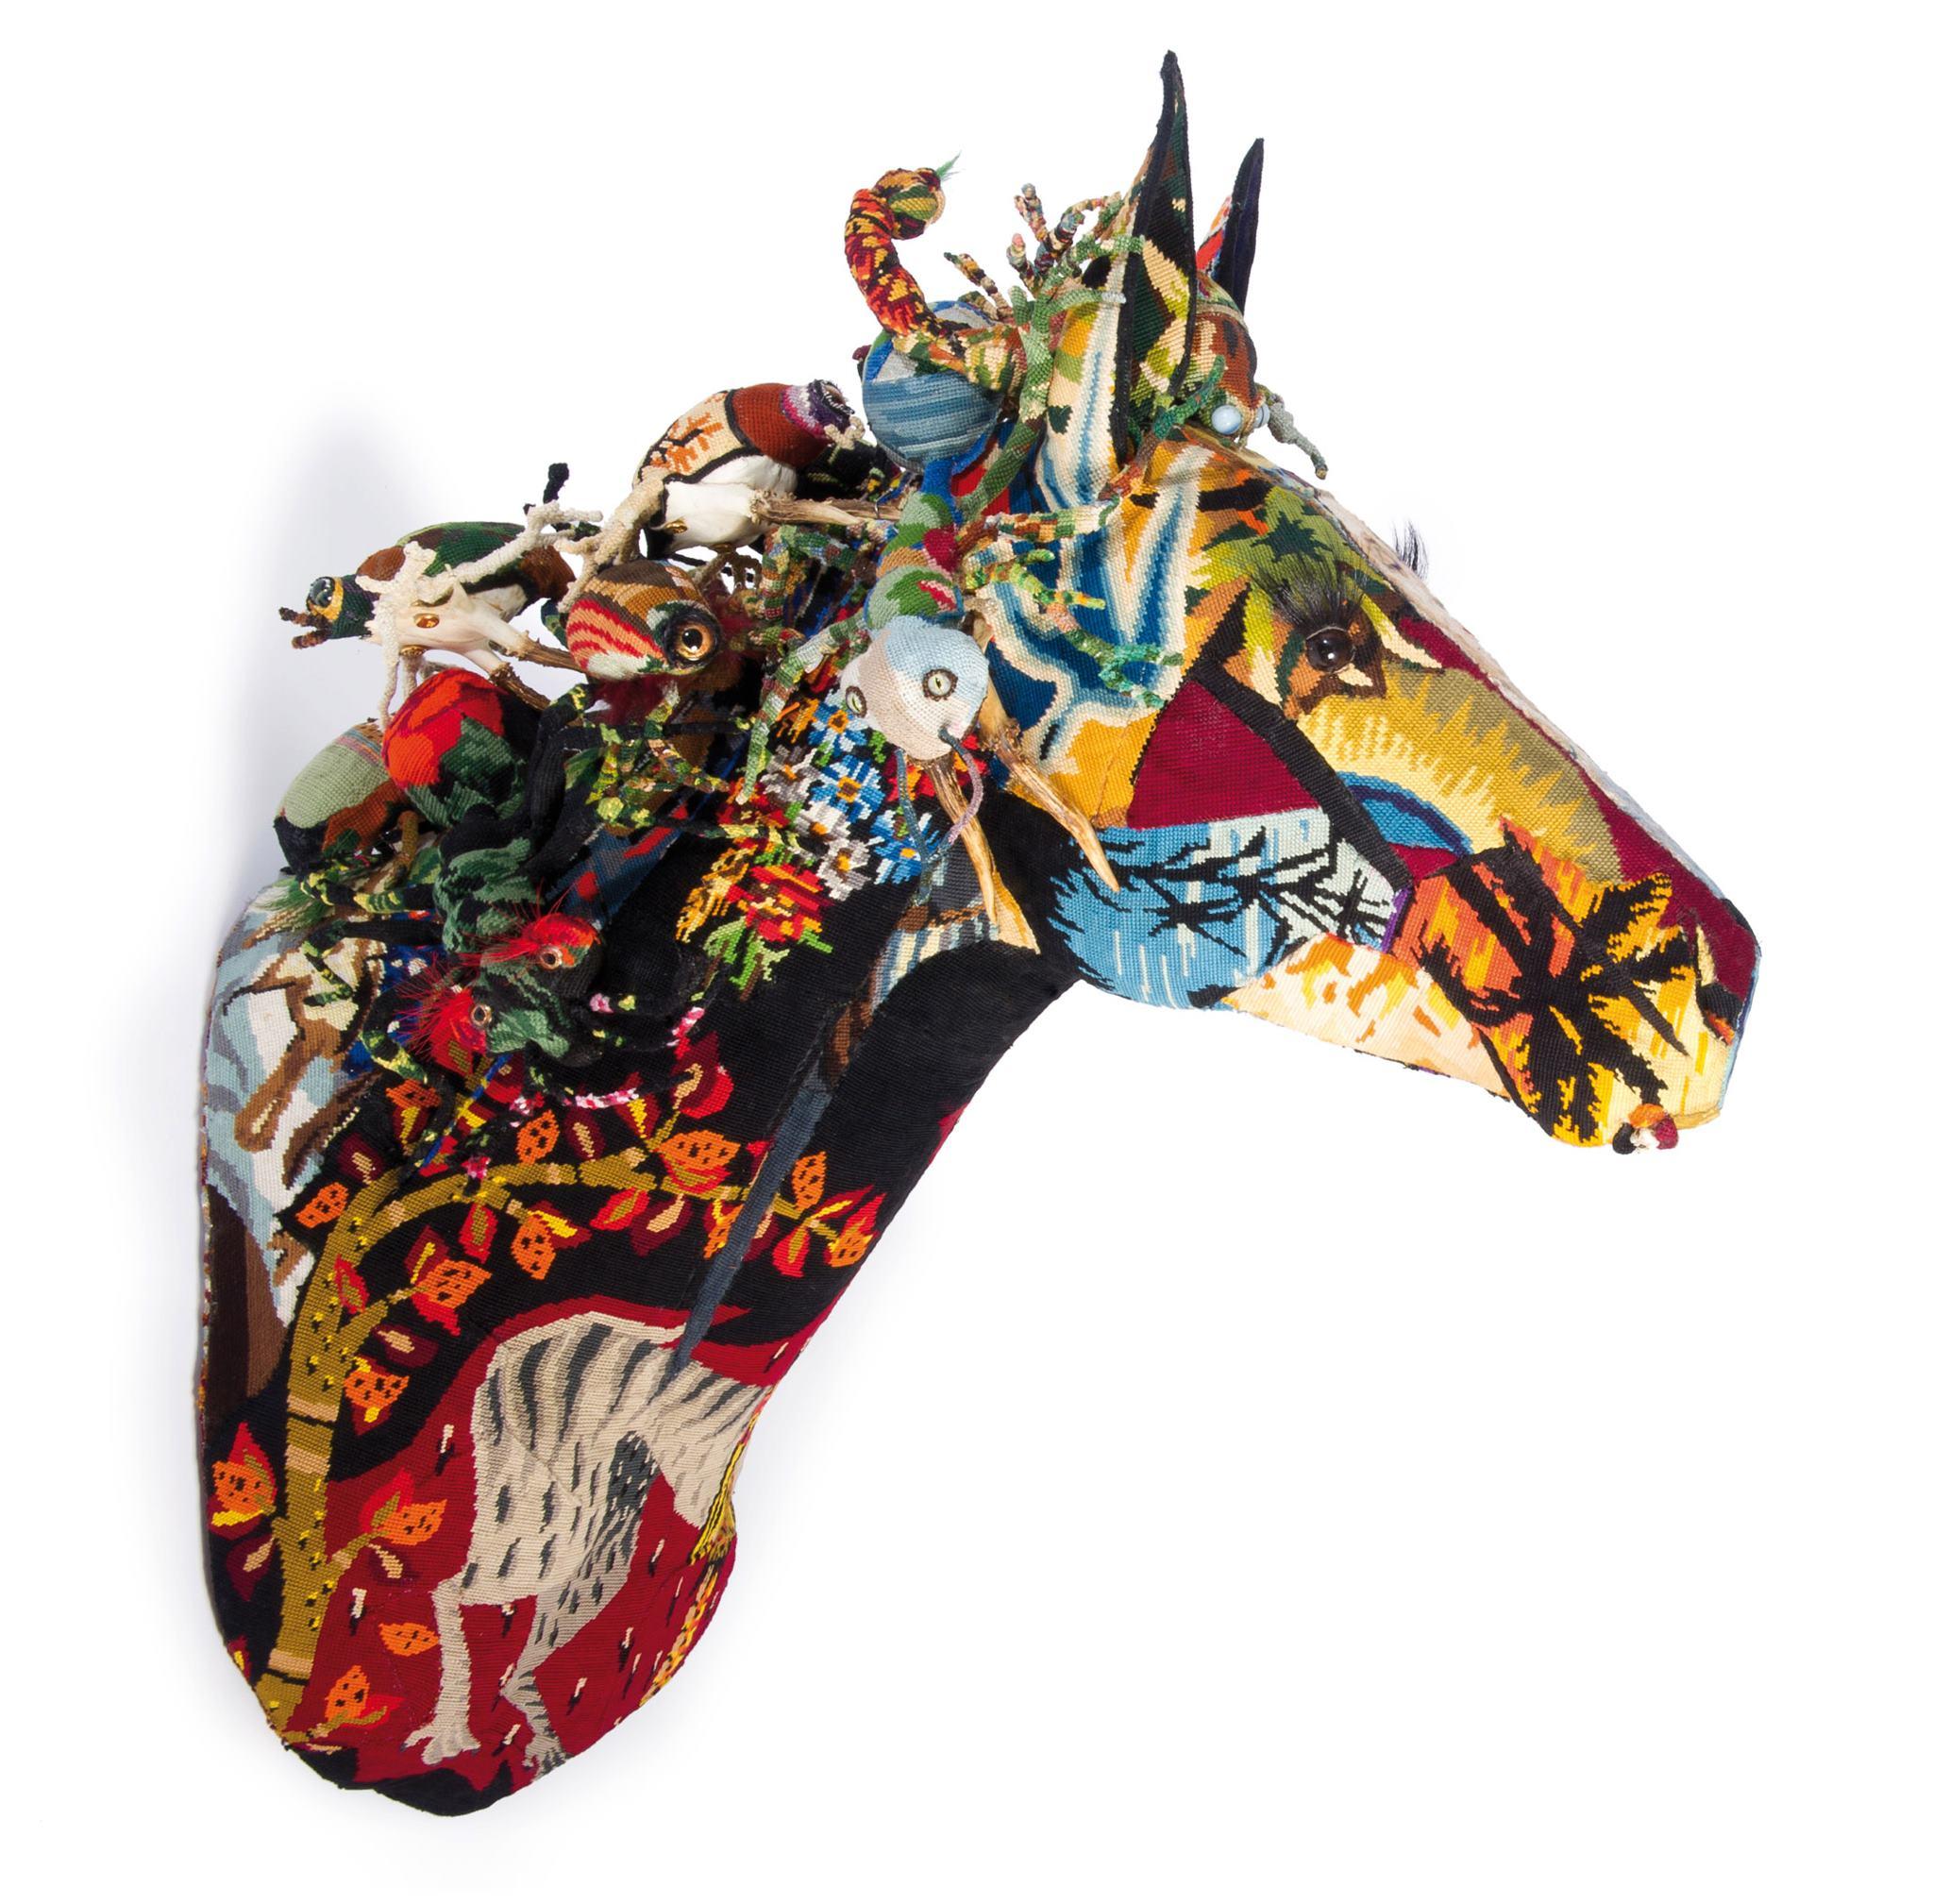 Frédérique Morrel – horse sculptures tapestries